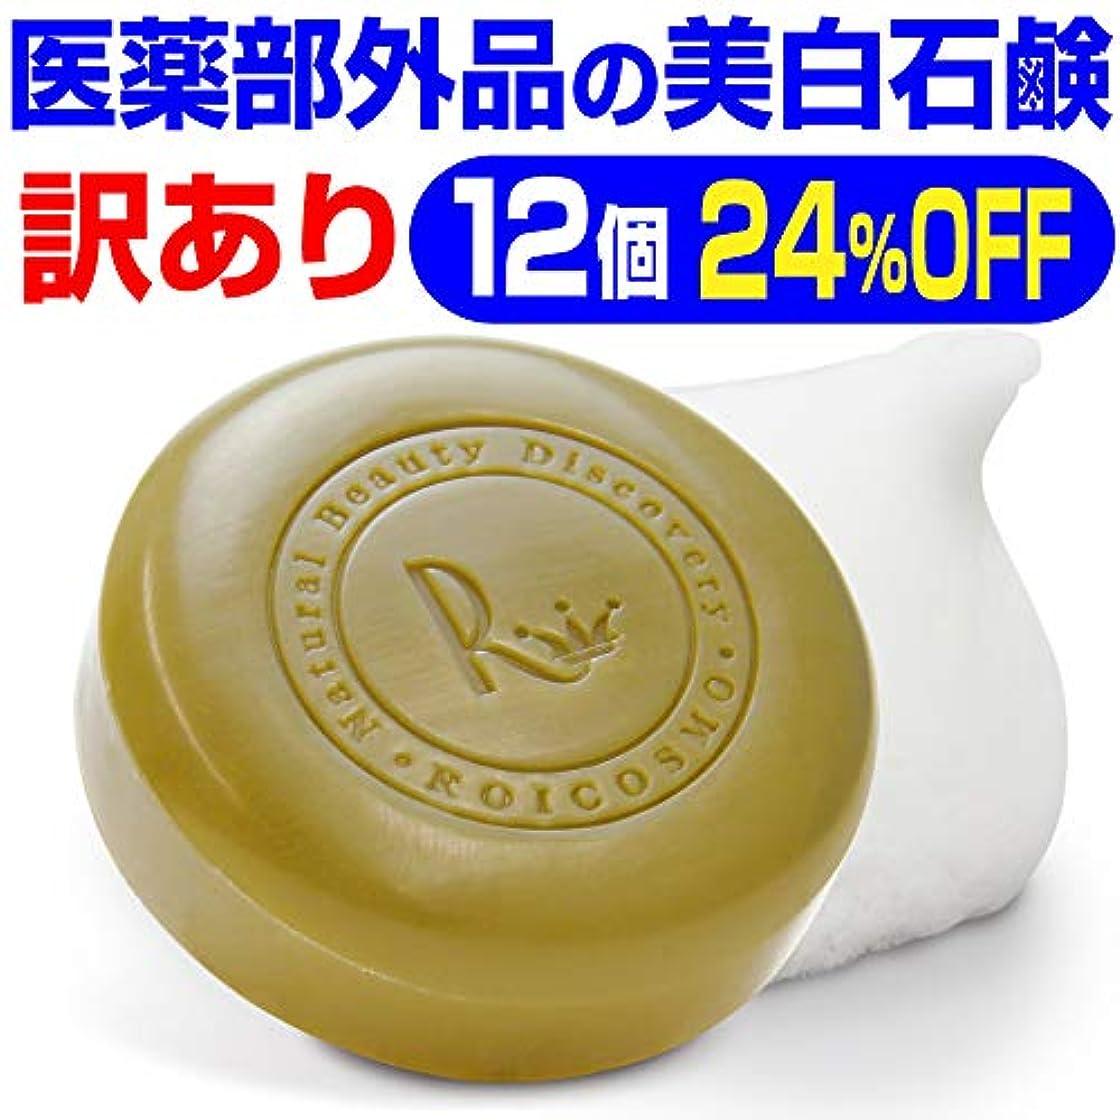 秘密のよろめくコンソール訳あり24%OFF(1個2,036円)売切れ御免 ビタミンC270倍の美白成分の 洗顔石鹸『ホワイトソープ100g×12個』